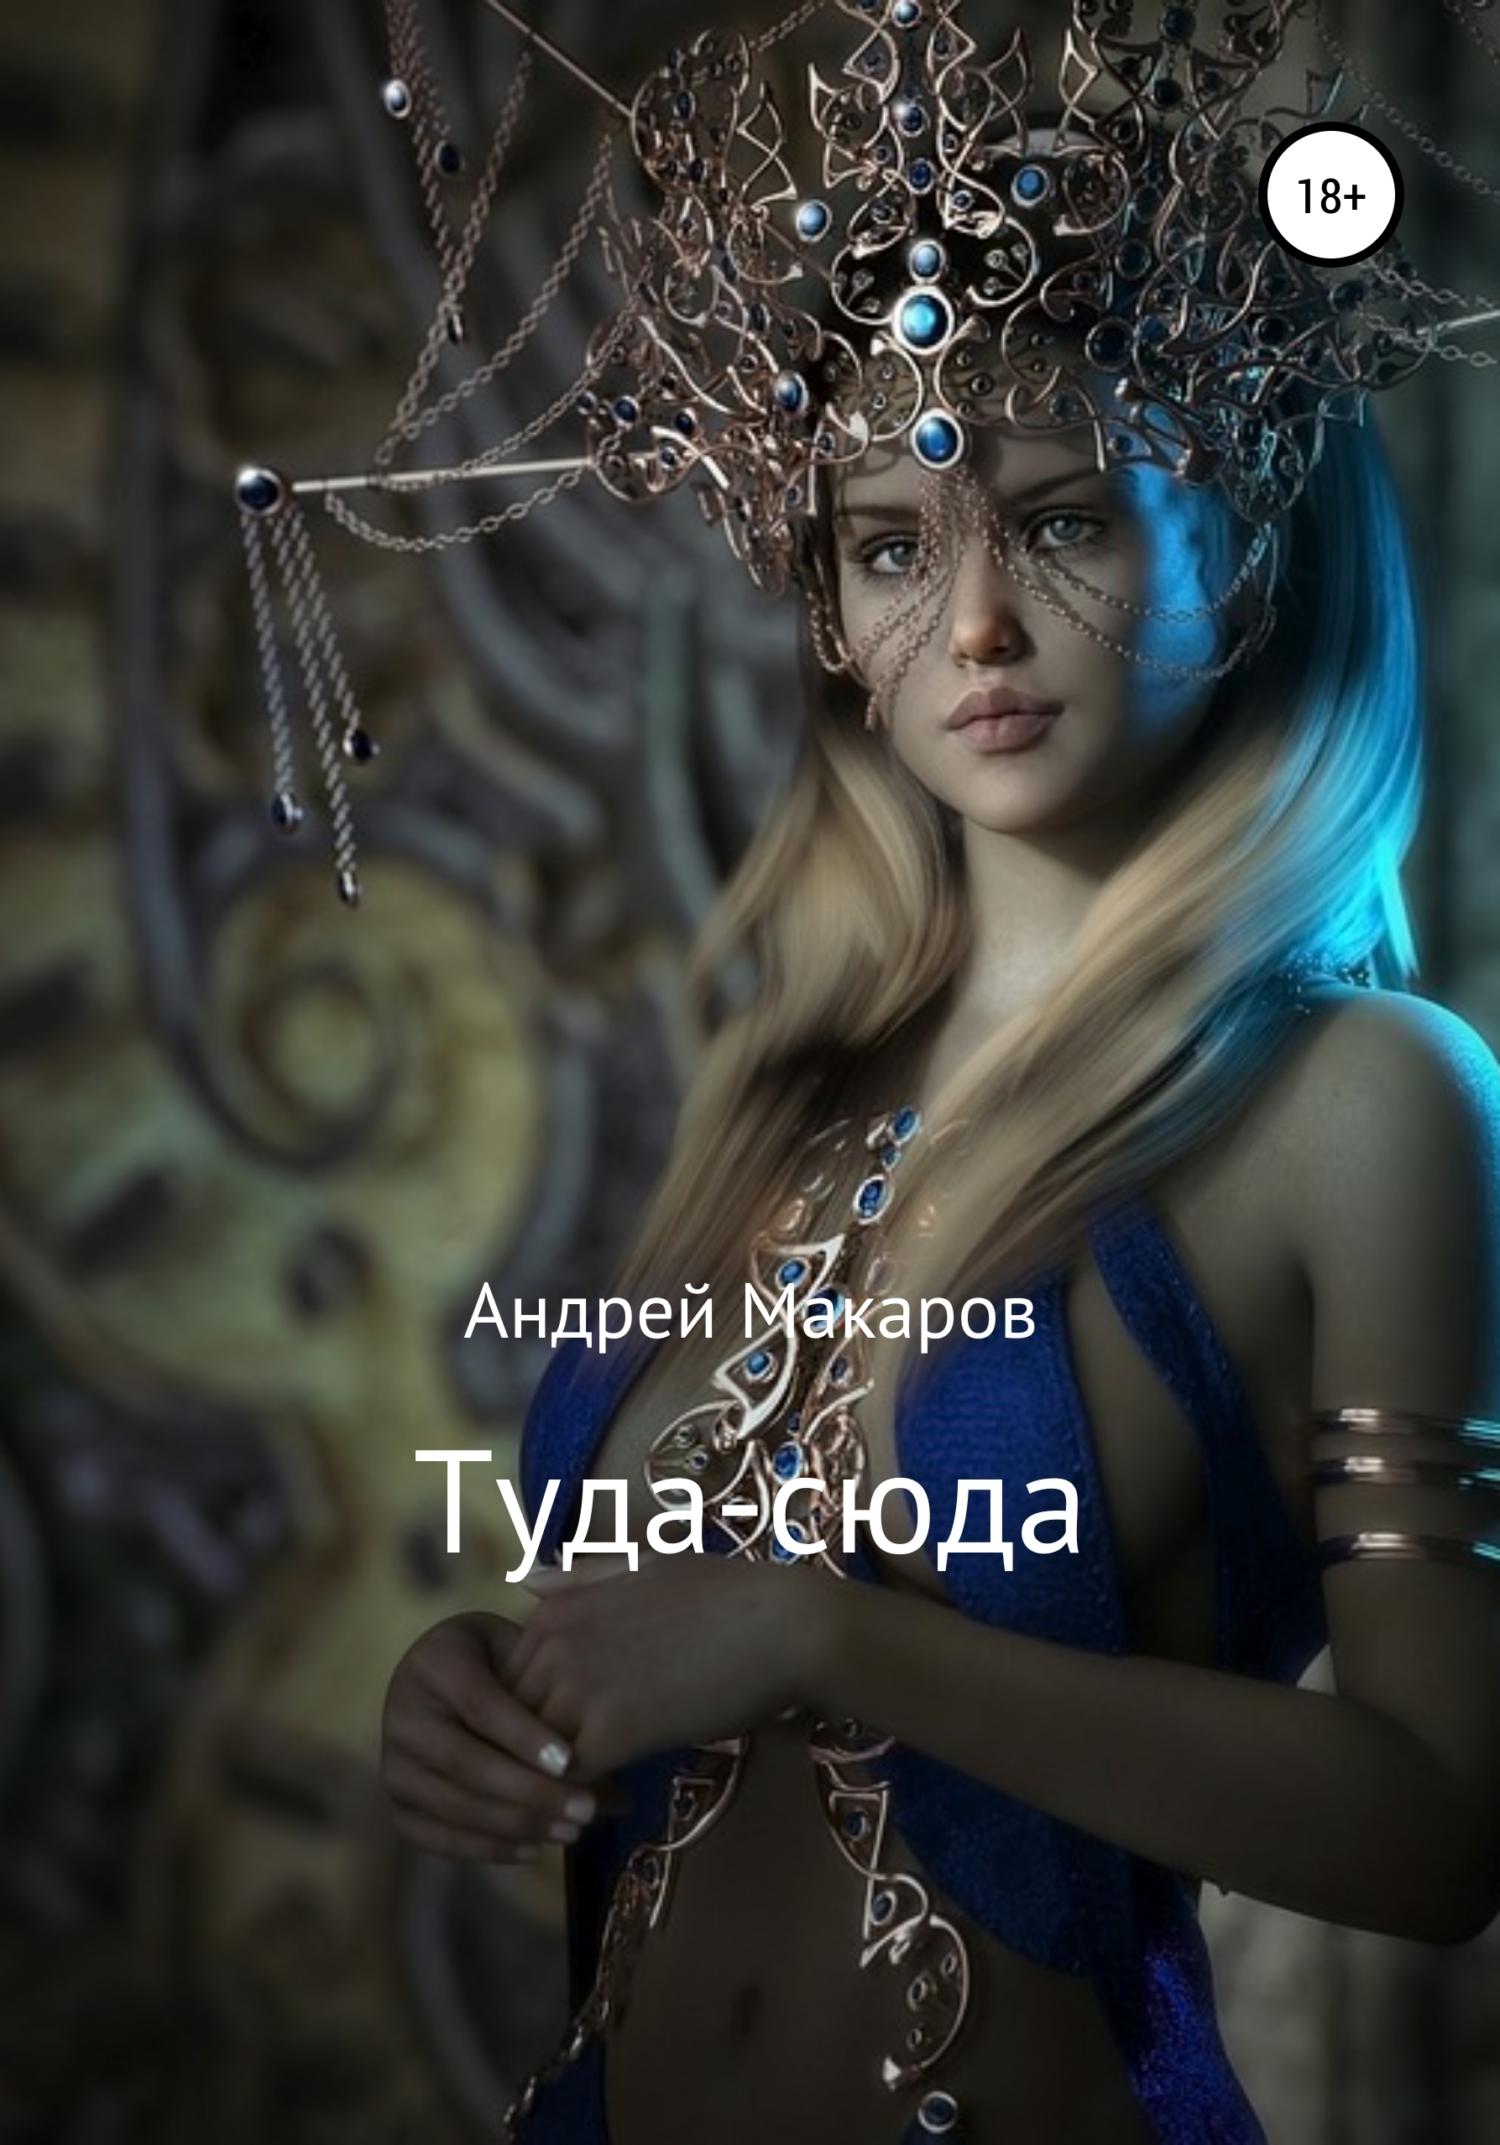 Андрей Макаров - Туда-сюда